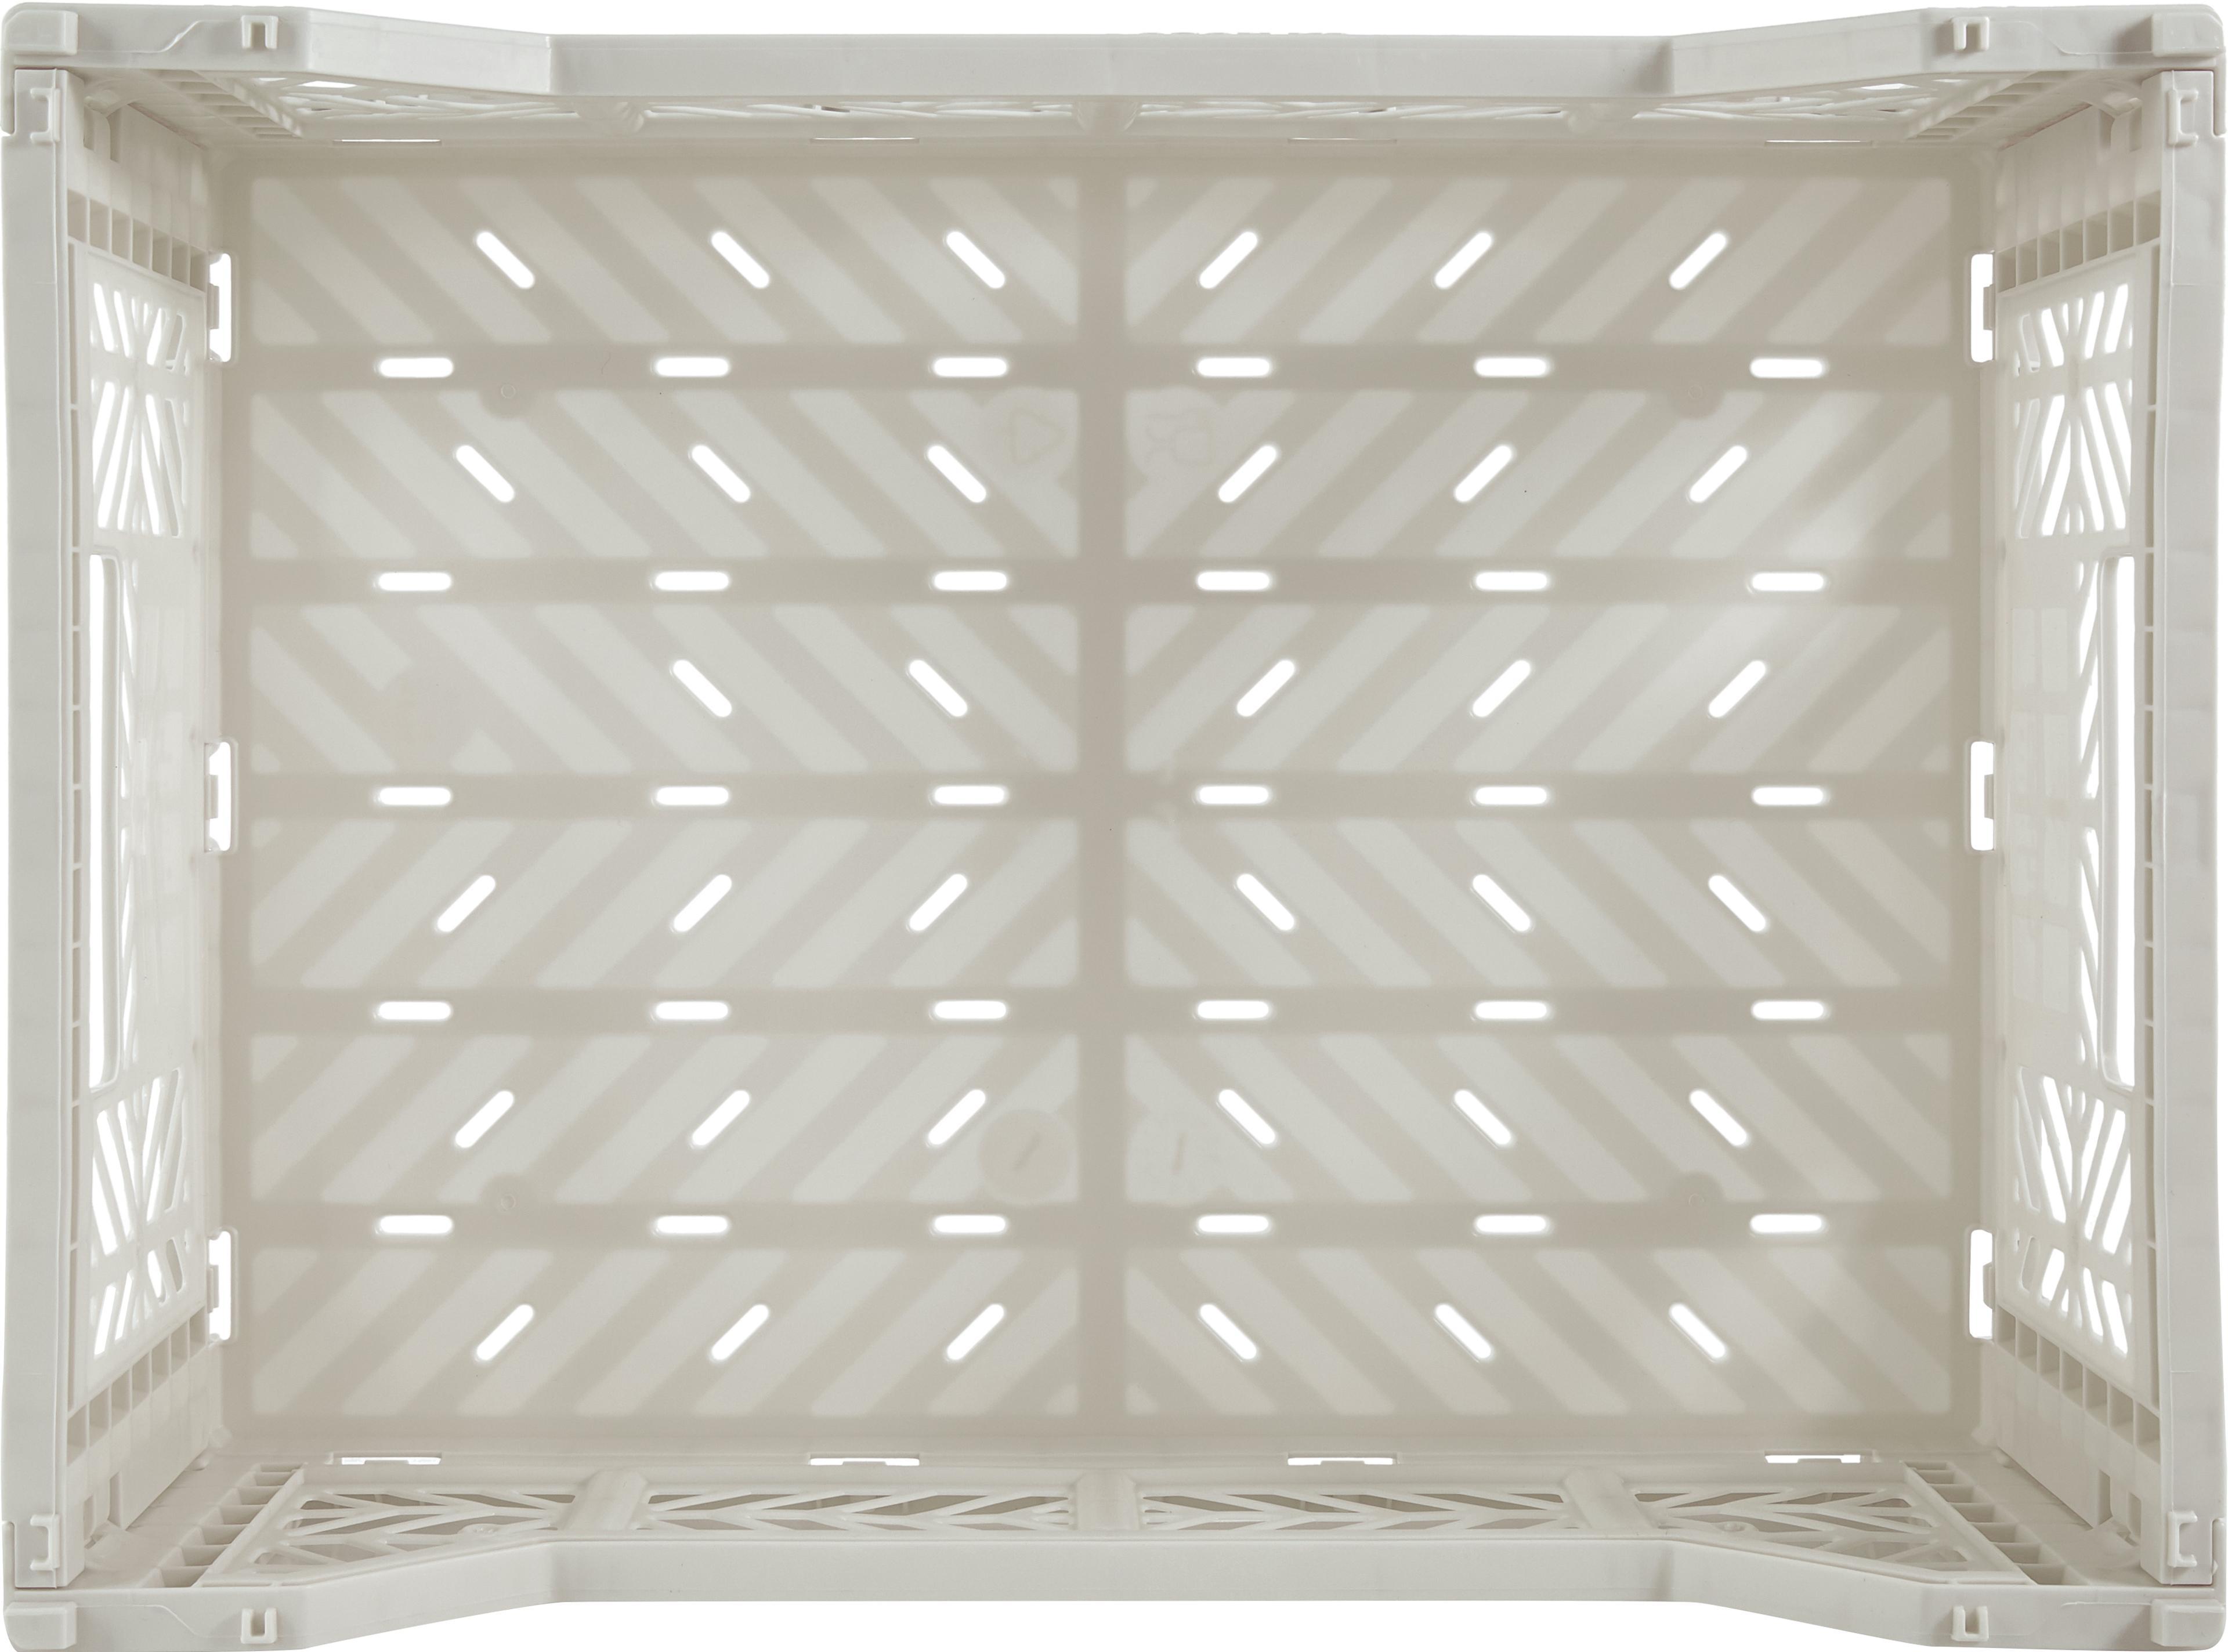 Cesto medio pieghevole e impilabile Light, Materiale sintetico riciclato, Grigio chiaro, Larg. 40 x Alt. 14 cm